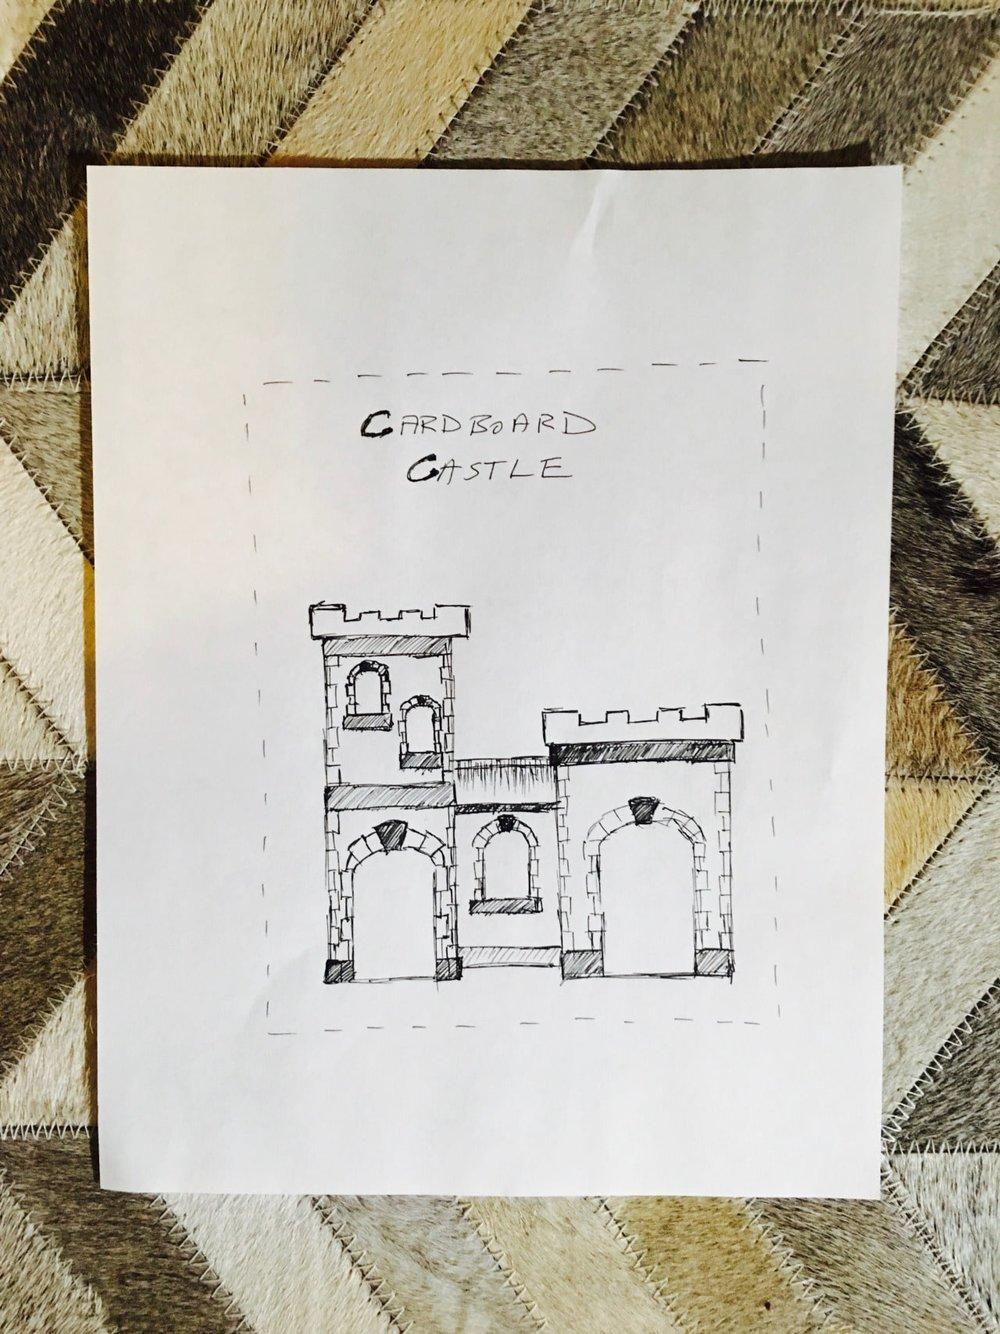 cardboard-castle-2.jpg